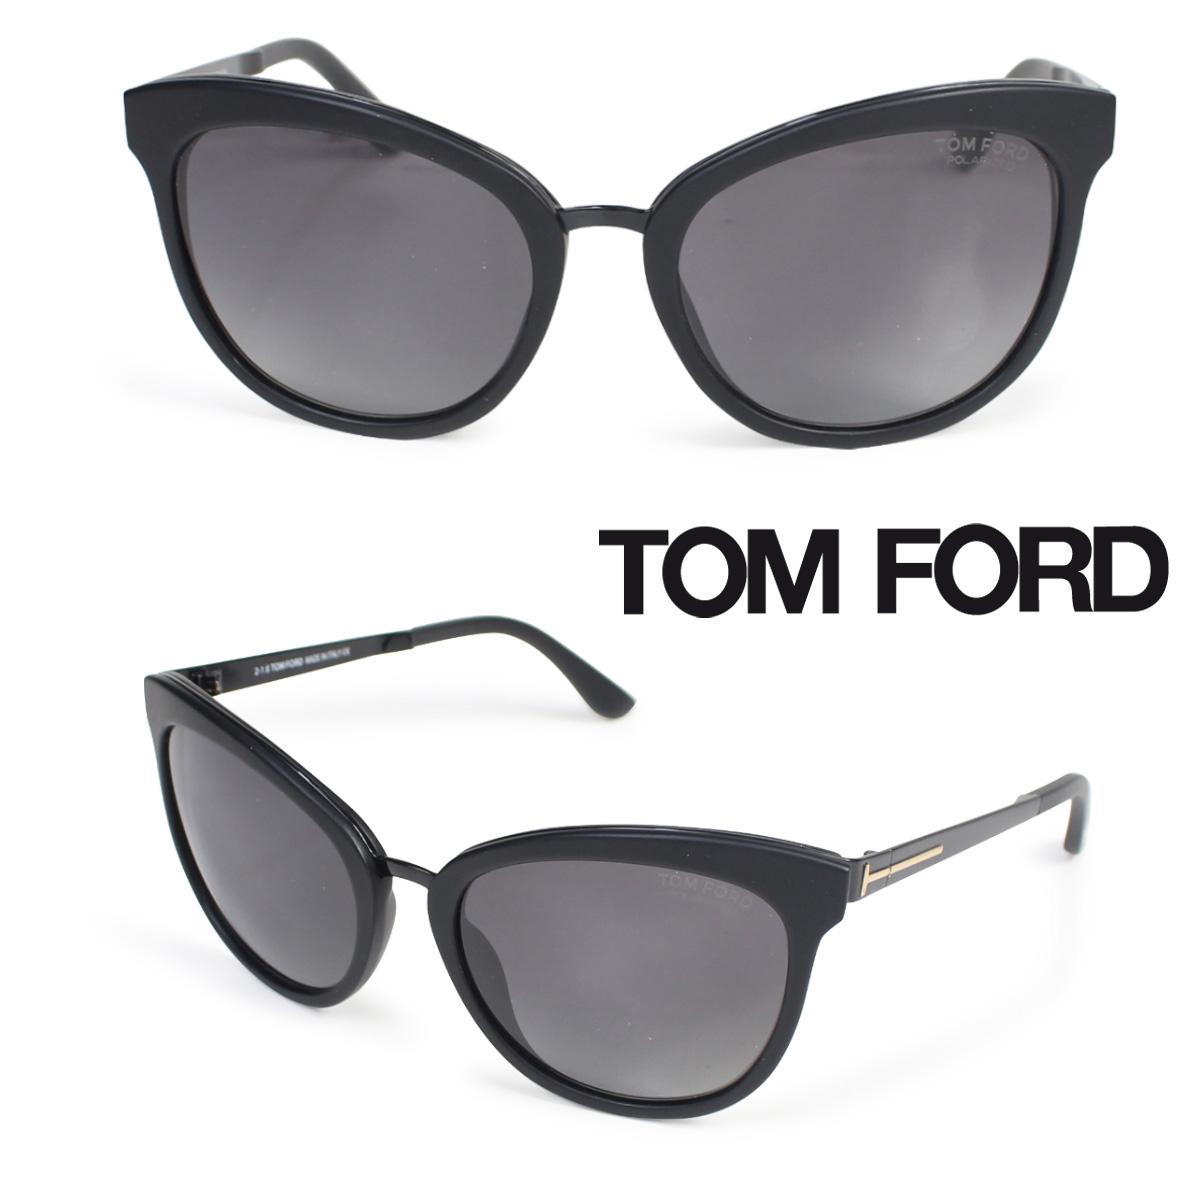 トムフォード TOM FORD サングラス メガネ レディース アイウェア FT0461 EMMA SUNGLASSES ブラック